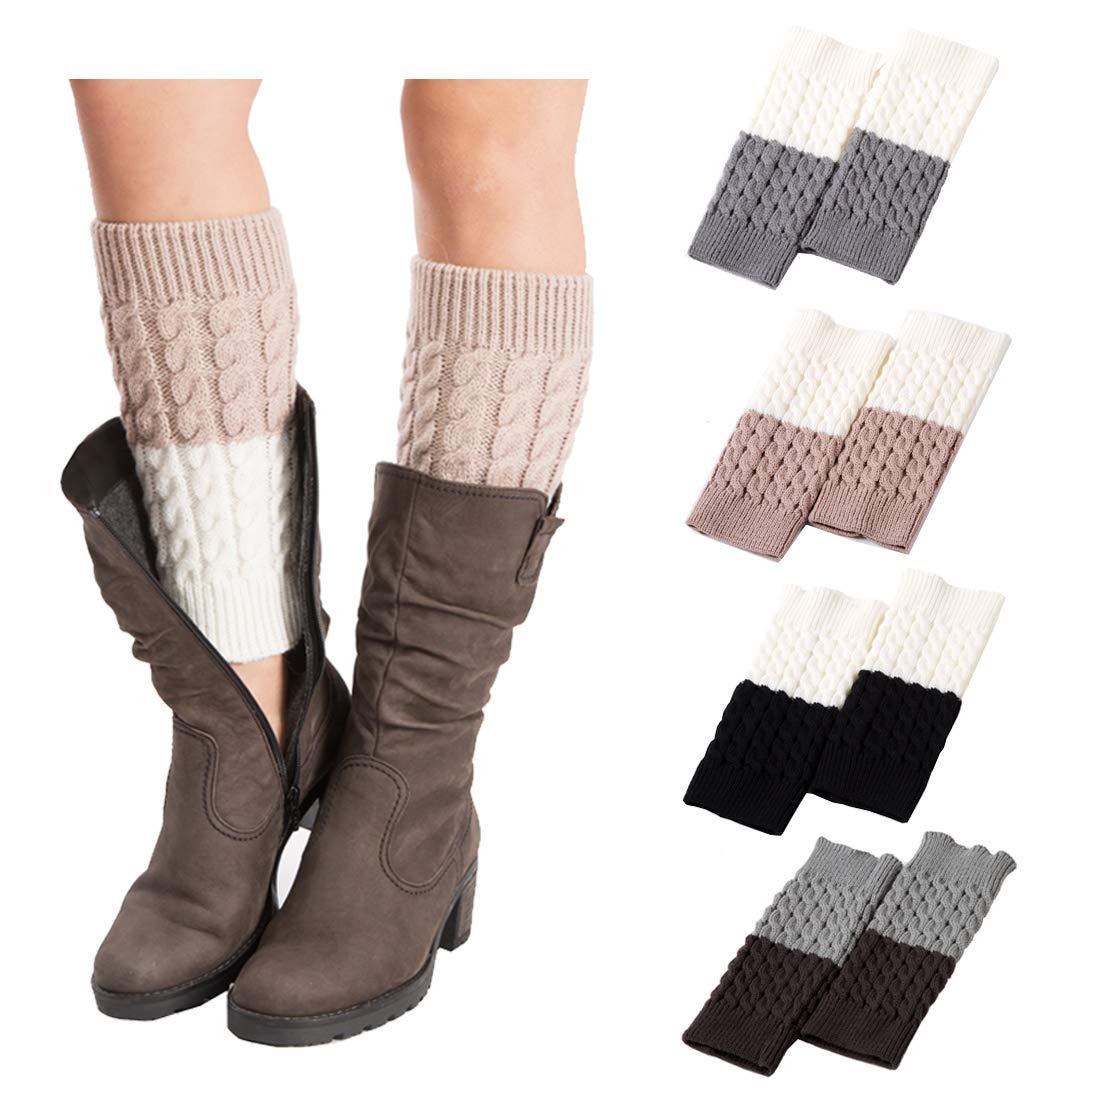 4Pairs Women's Short Leg Warmer Crochet Boot Cover